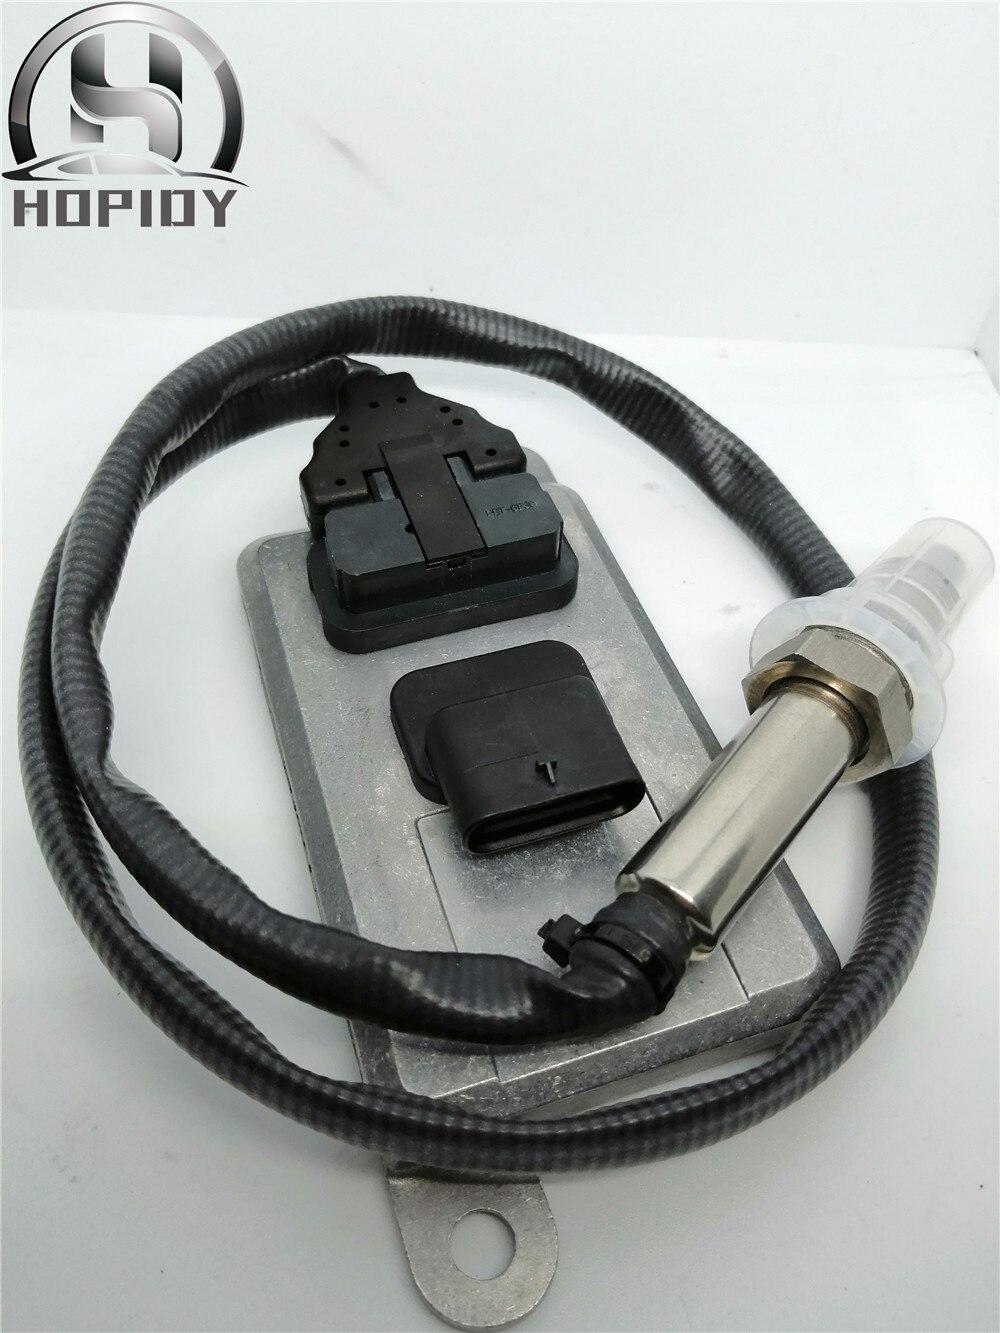 Nox-Sensor For Mercedes Benz TRUCKS BUS AND COACH LKW 24V A0091533628 5WK96616F / 5WK96616D / 5WK96616E